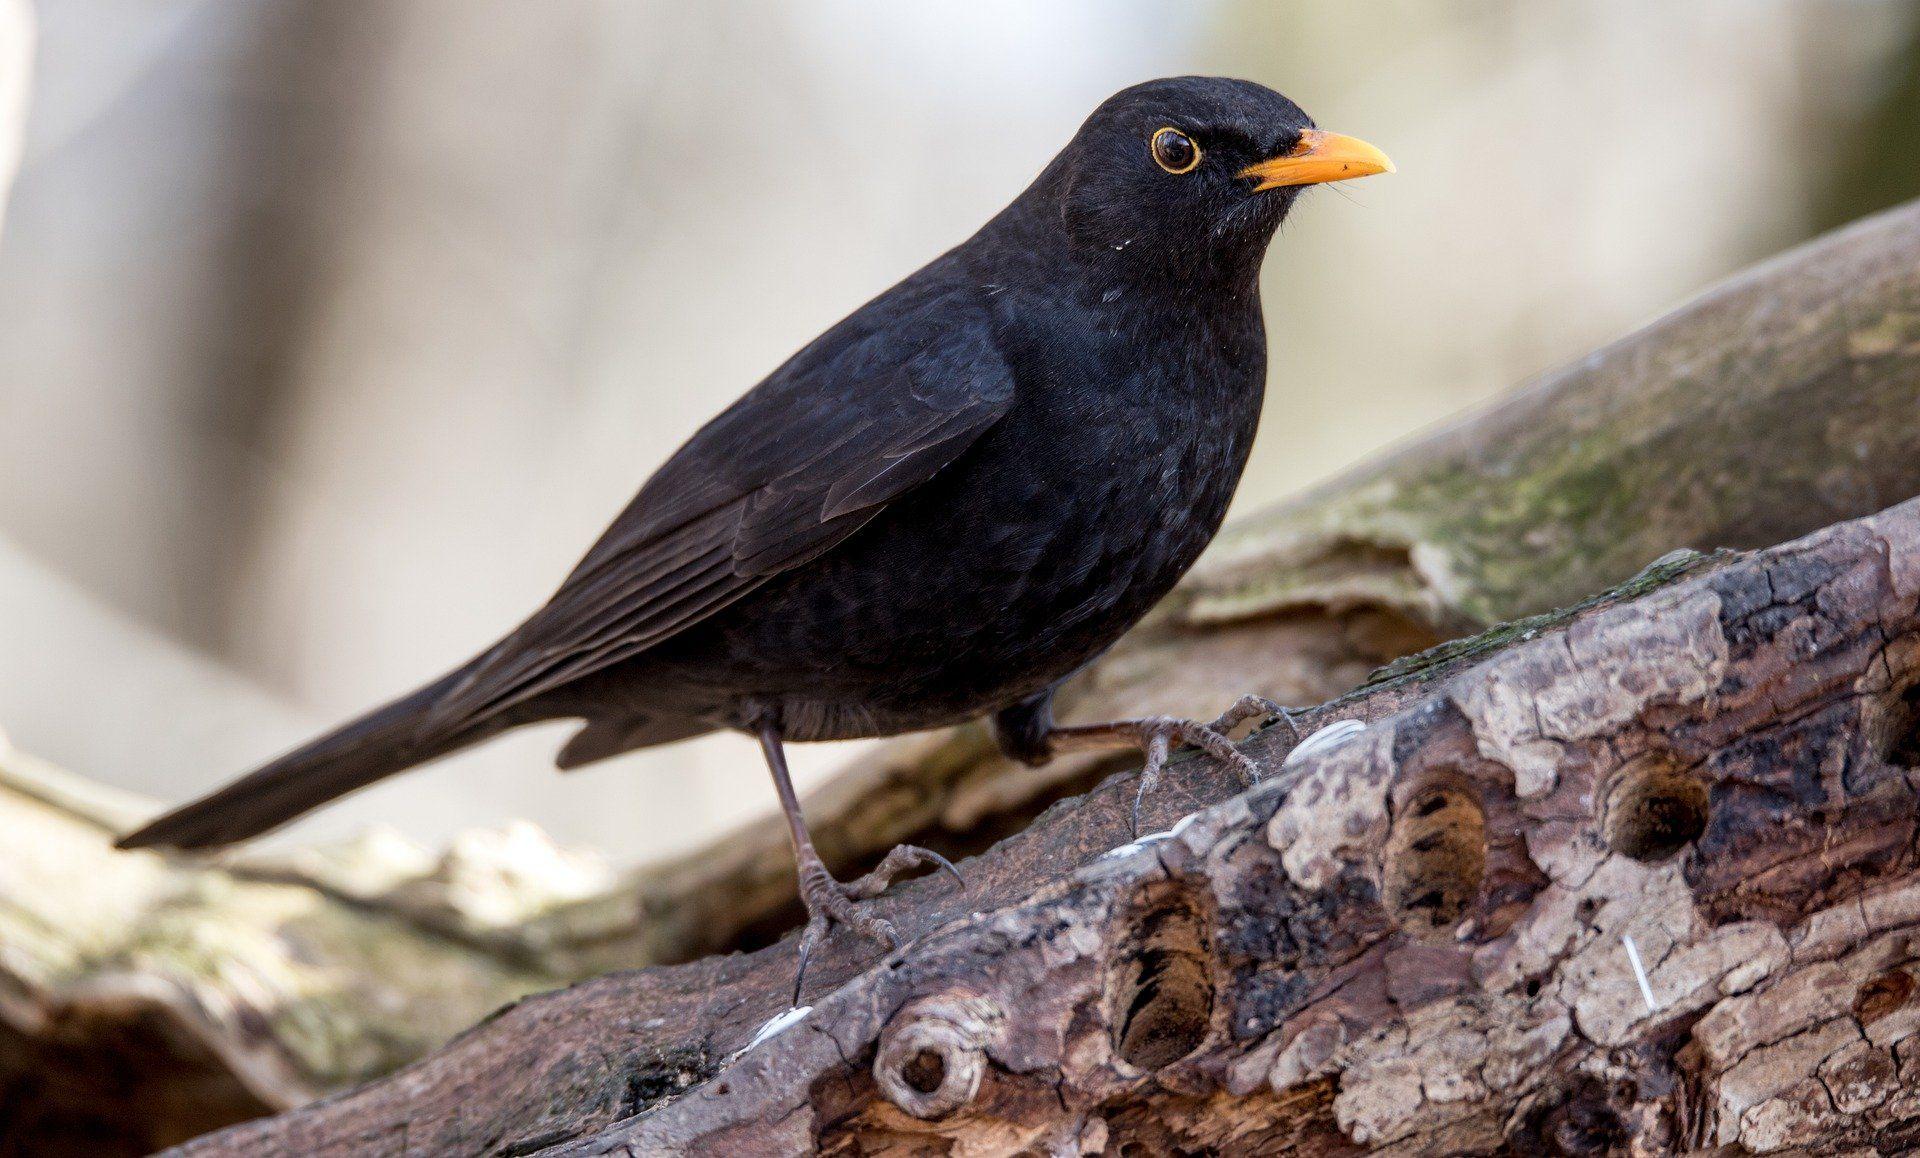 Фото животного птицы дрозда